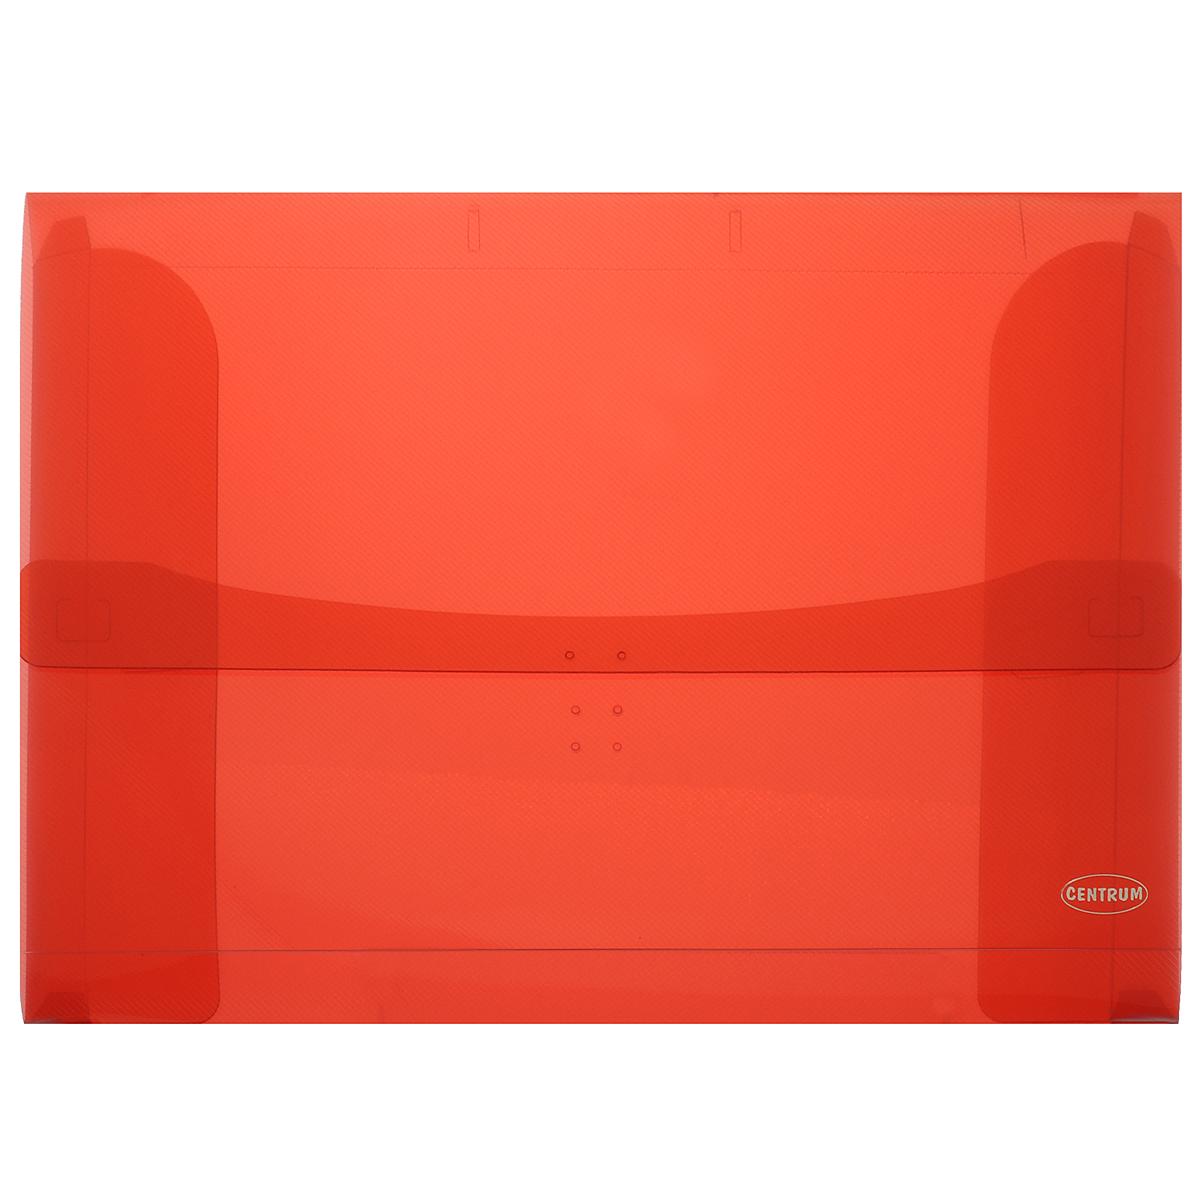 Папка-конверт Centrum, цвет: красный. Формат А3K13520Портфель Centrum - это удобный и функциональный офисный инструмент, предназначенный для хранения и транспортировки рабочих бумаг и документов формата А3.Портфель изготовлен из износостойкого непрозрачного пластика, имеет перфорацию на клапане и обложке, что позволяет закреплять клапан лентой или шнурком. Внутри изделие имеет три клапана, что обеспечивает надежную фиксацию бумаг и документов. Портфель имеет опрятный и неброский вид, оформлена тиснением в виде параллельной штриховки.Портфель - это незаменимый атрибут для студента, школьника, офисного работника. Он превосходно подойдет для транспортировки эскизов и станет верным помощником для художников. Такой портфель надежно сохранит ваши документы и сбережет их от повреждений, пыли и влаги.